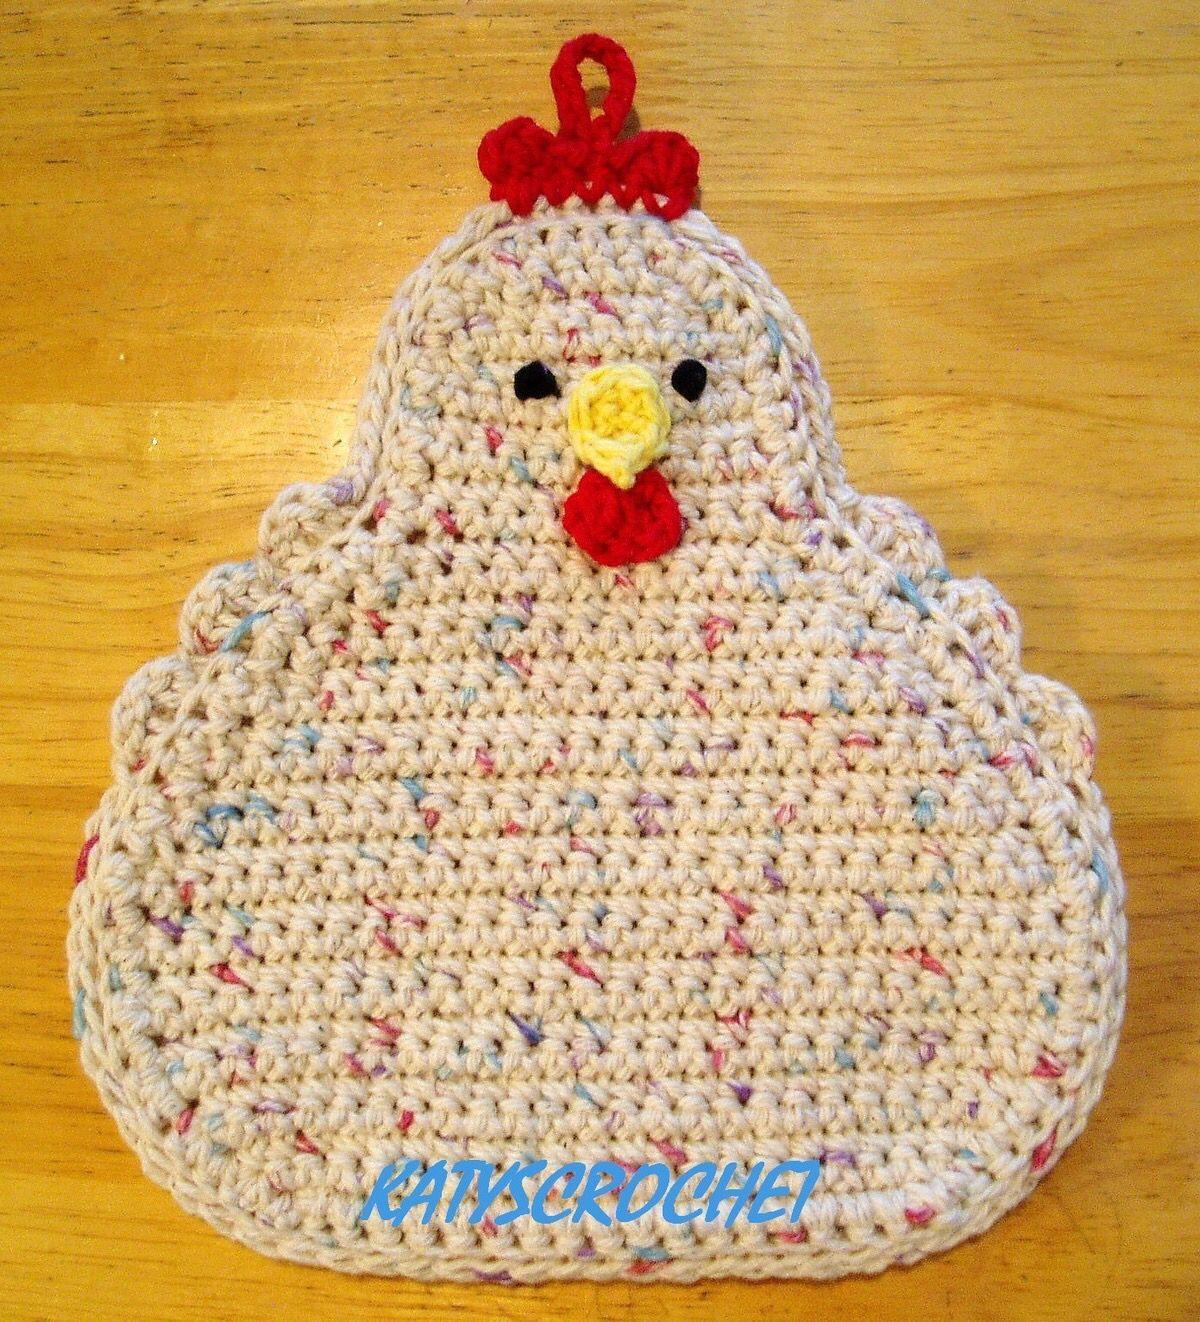 Pin von Debbie abbisso emrick auf crochet | Pinterest